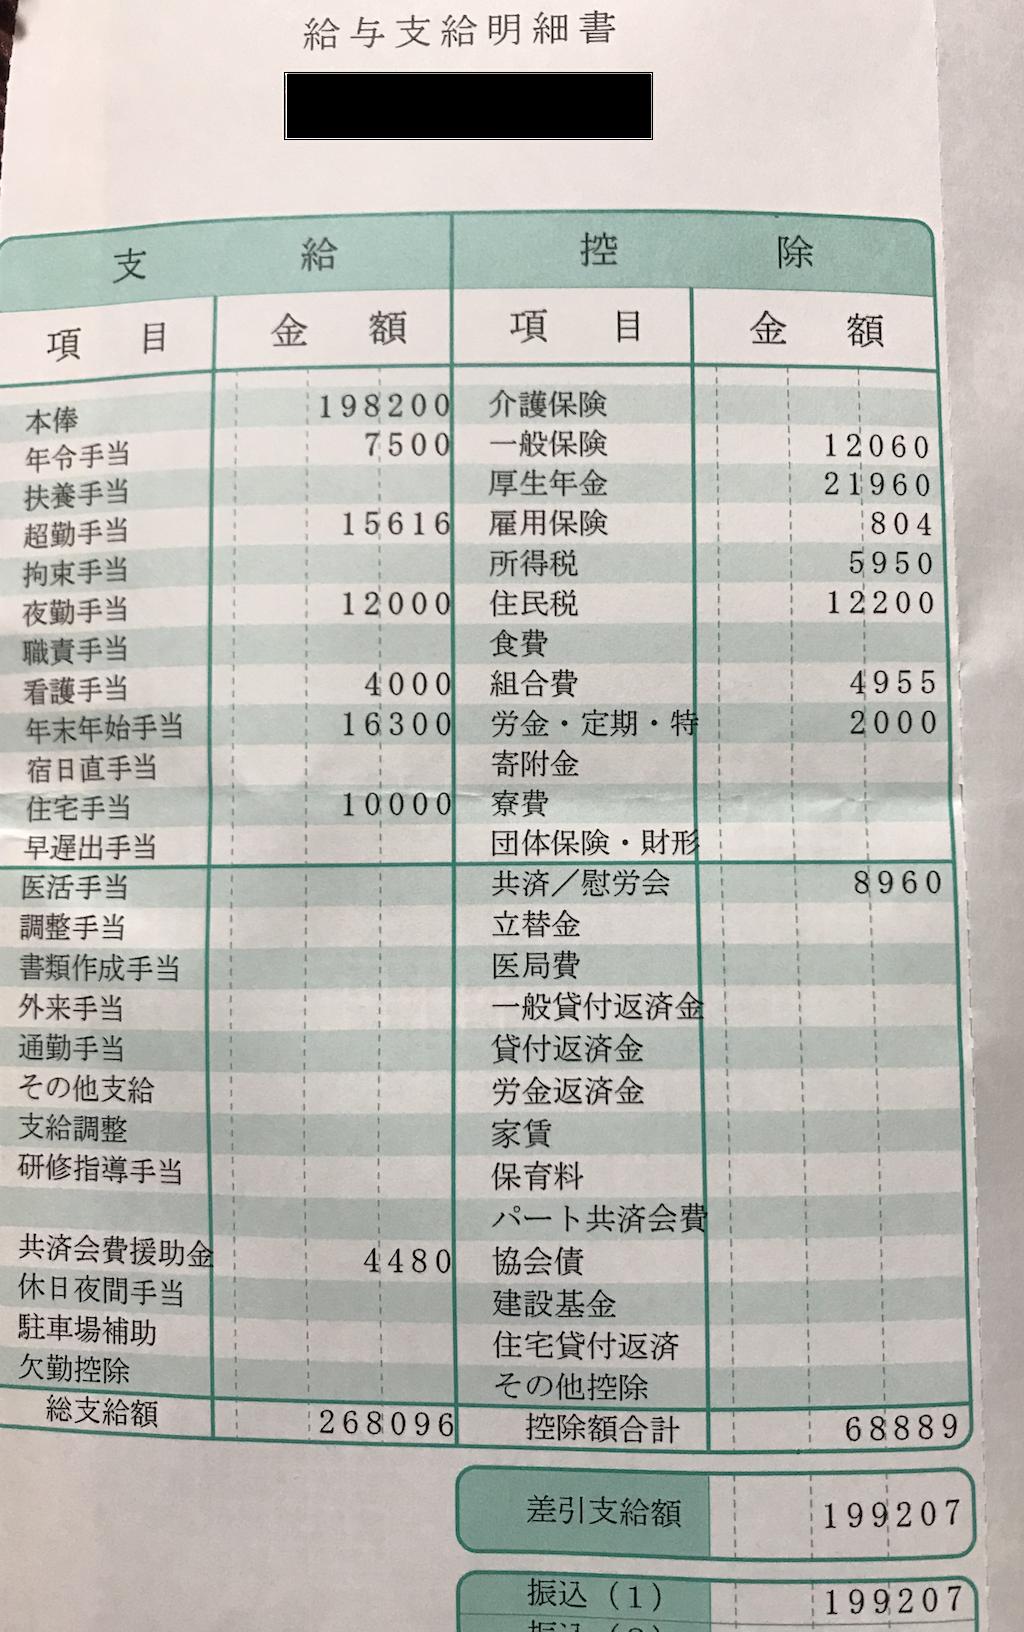 坂総合病院・看護師の給与明細【ガチ画像】・給料・評判・口コミ・ボーナス・年収